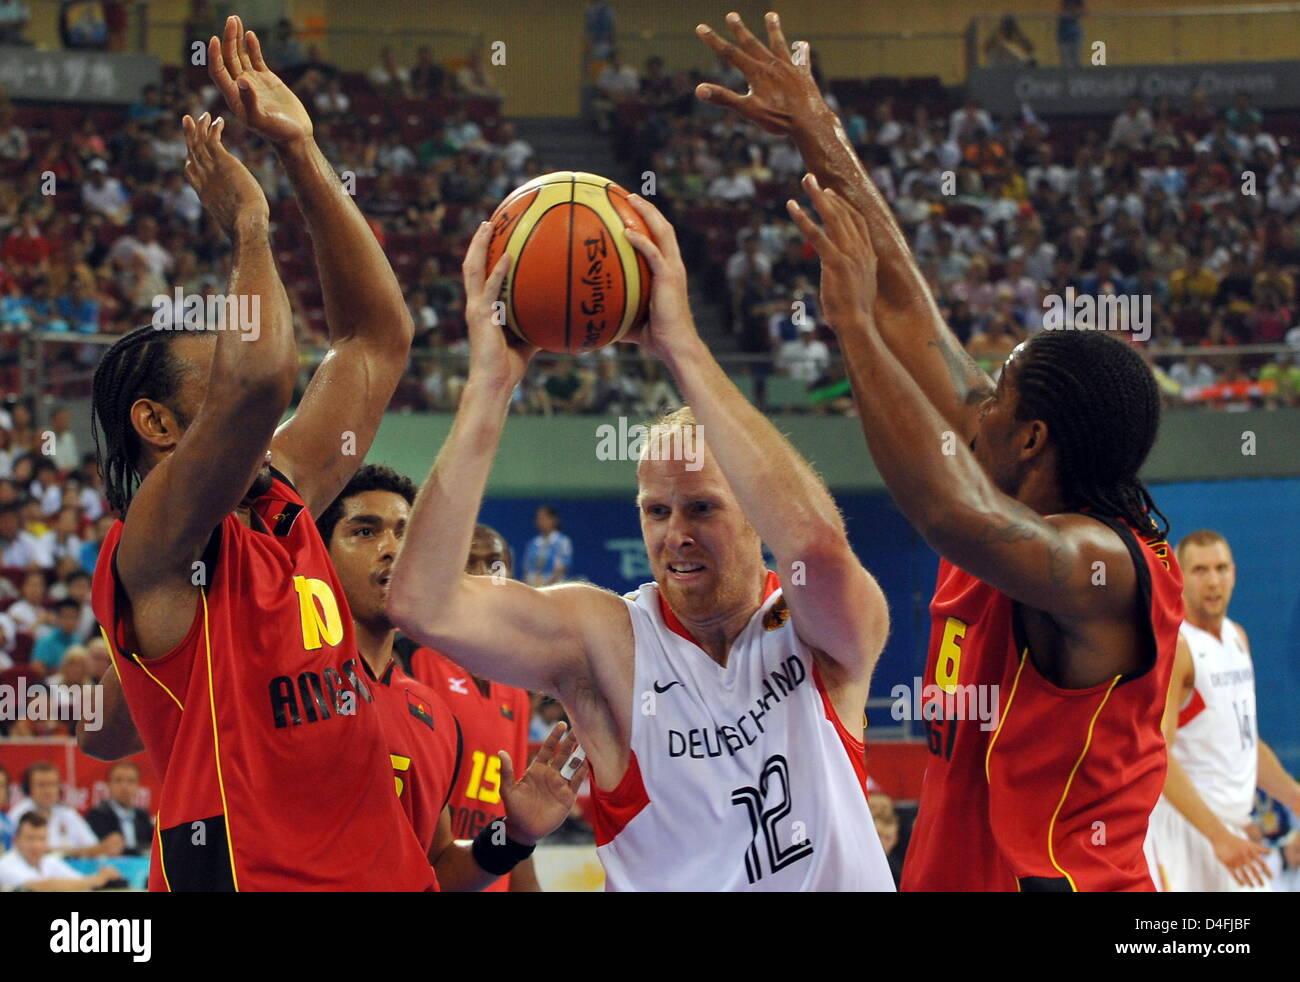 The german basketball player Chris Kaman C fight for the ball